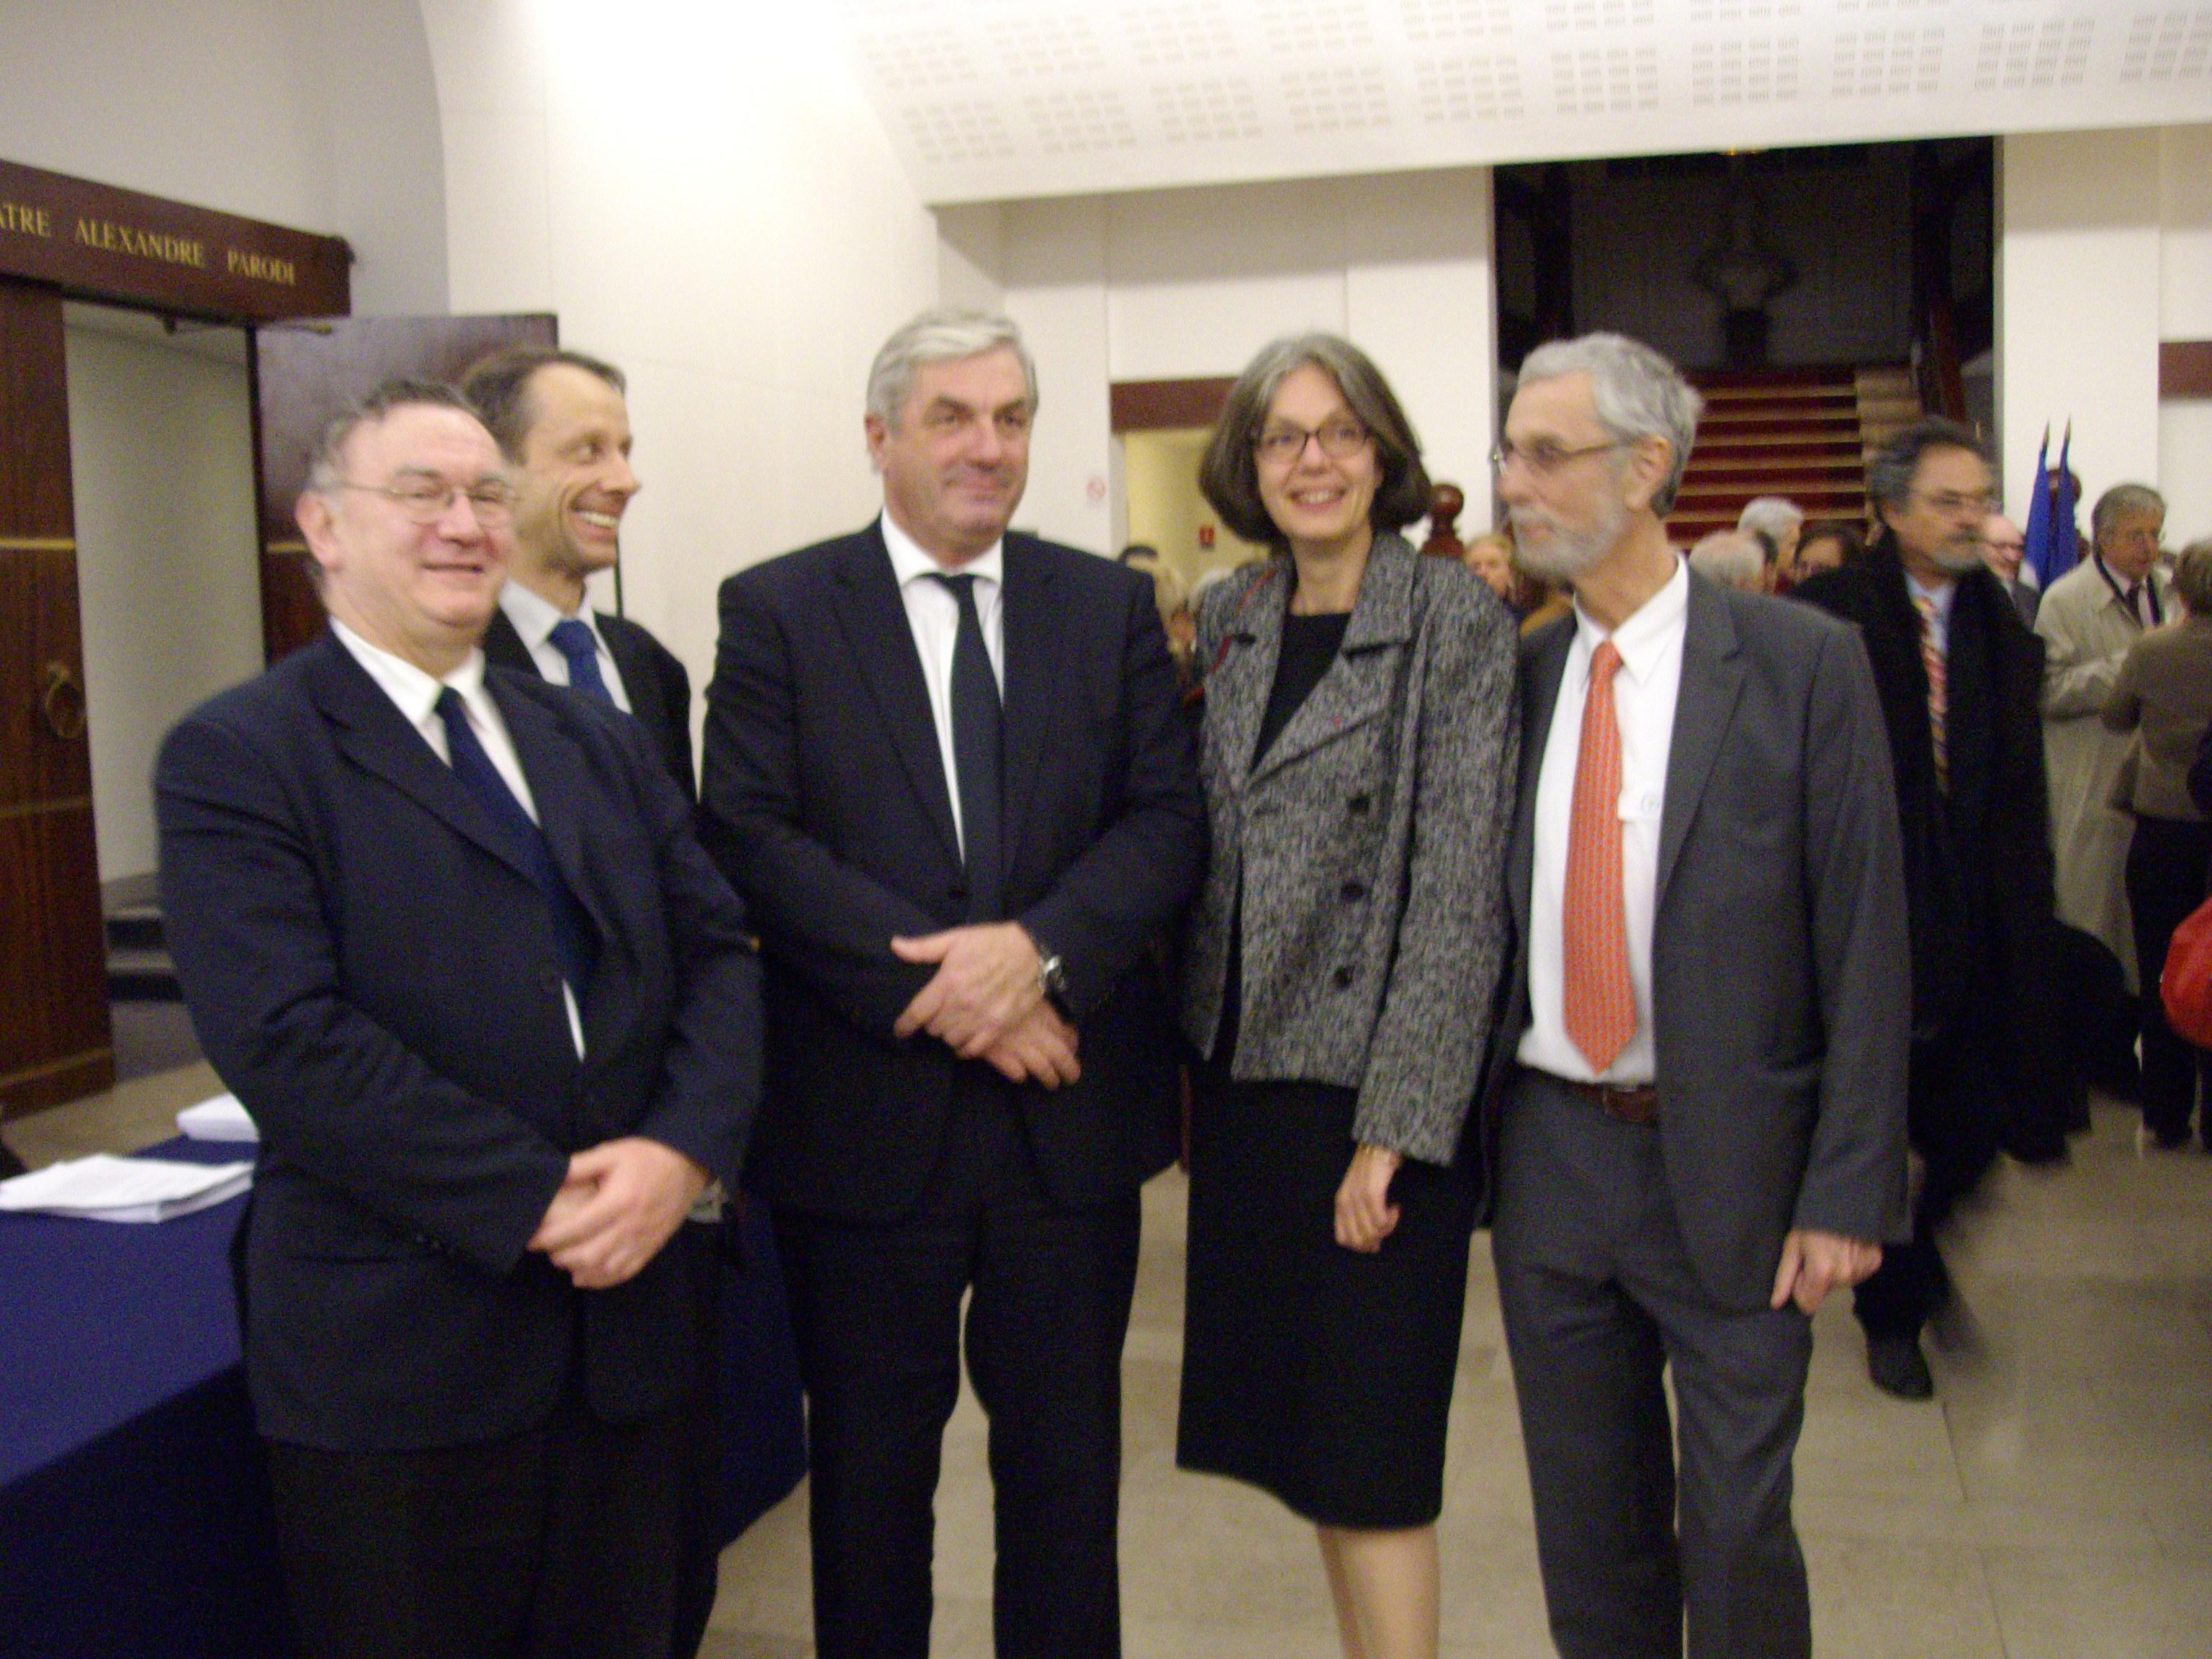 Le ministre et les fondateurs de Galilée.sp avec de gauche à droite : Patrice Diebold, Yannick Girault, Catherine Gras, Jean-Frédérick Lepers